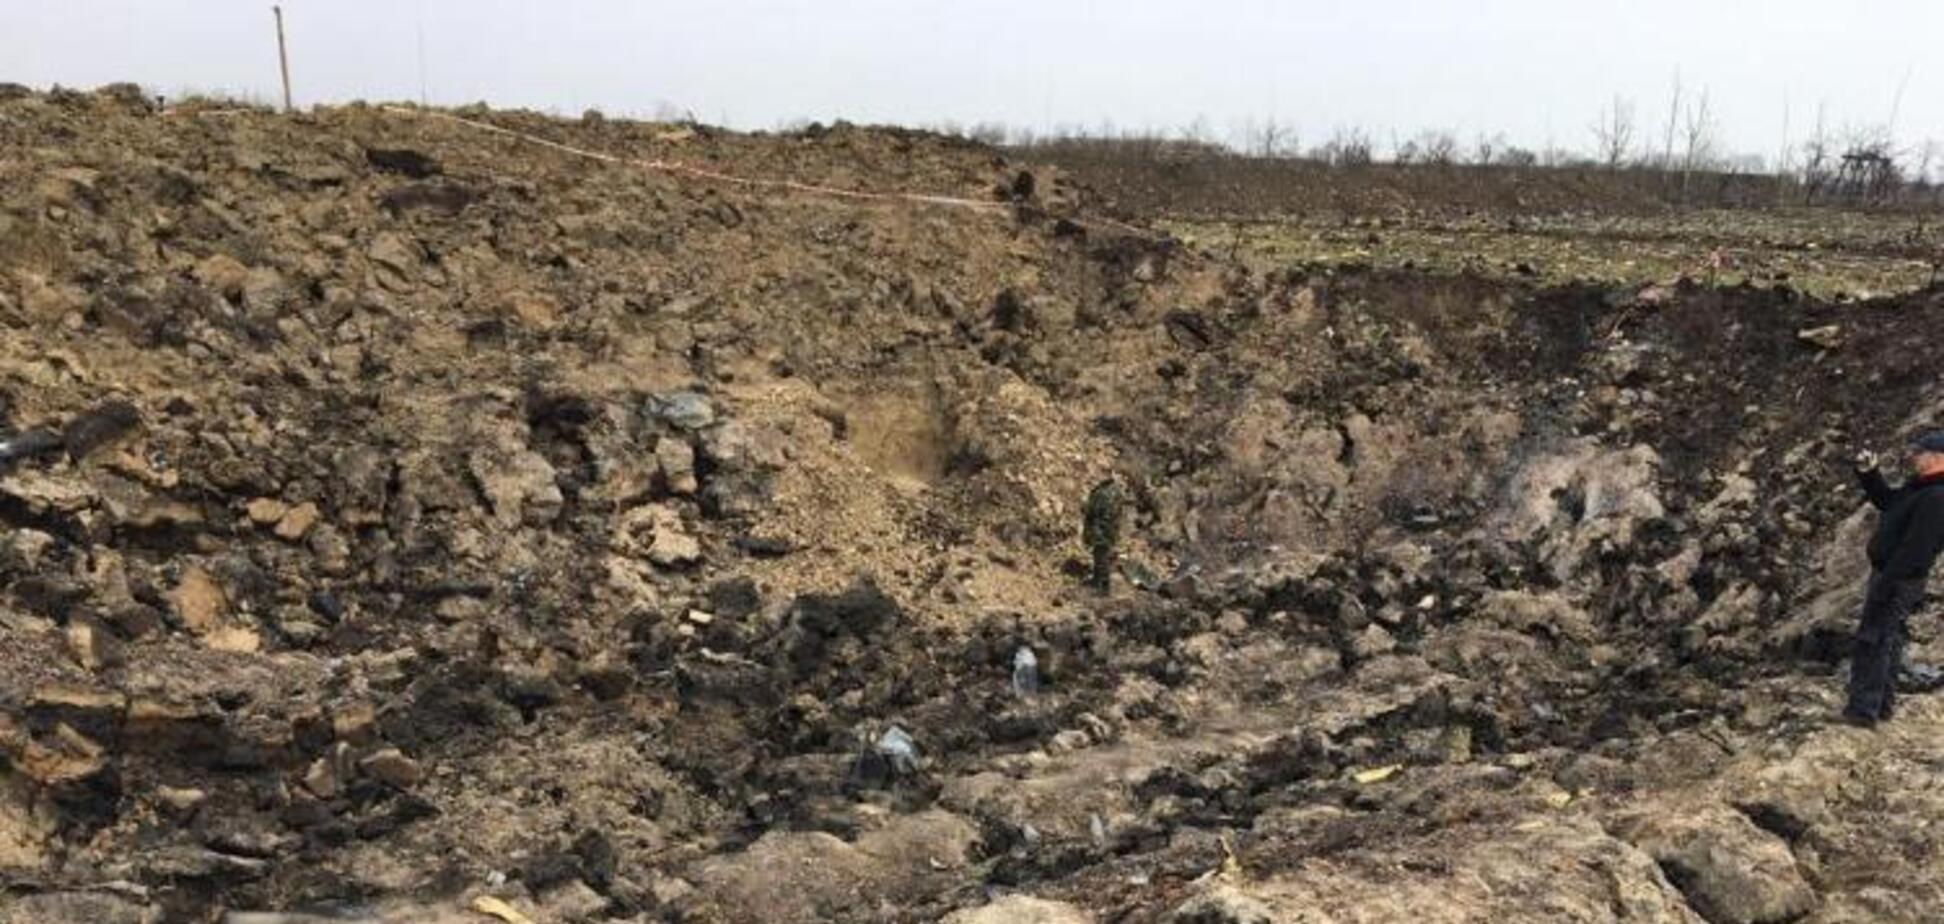 Взрывы на складе Балаклеи: всплыл неожиданный нюанс. Итоги расследования